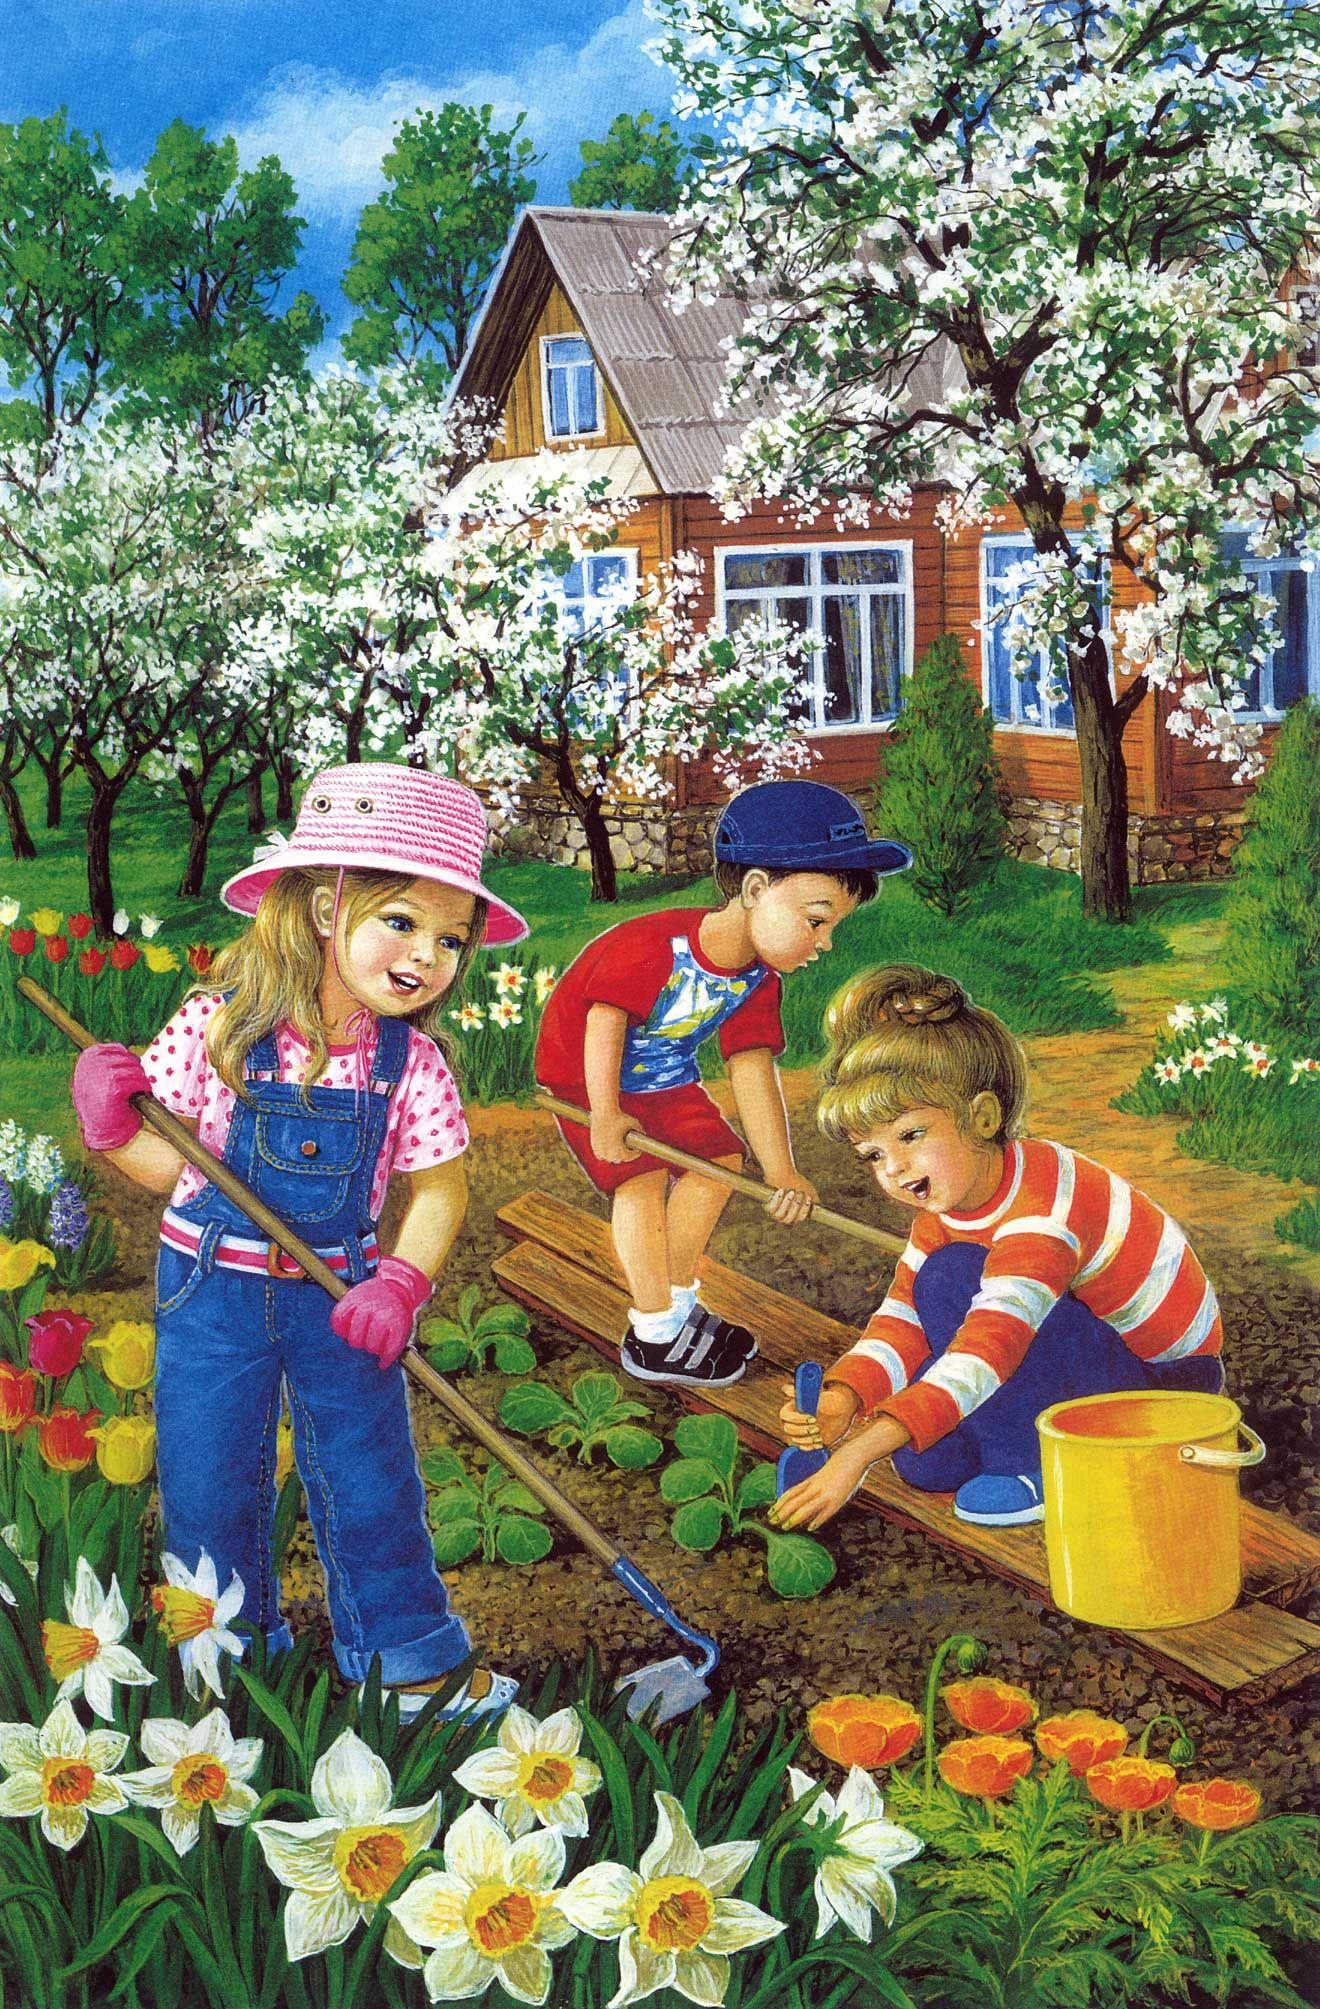 Время года весна картинки для детей дошкольного возраста, детские своими руками